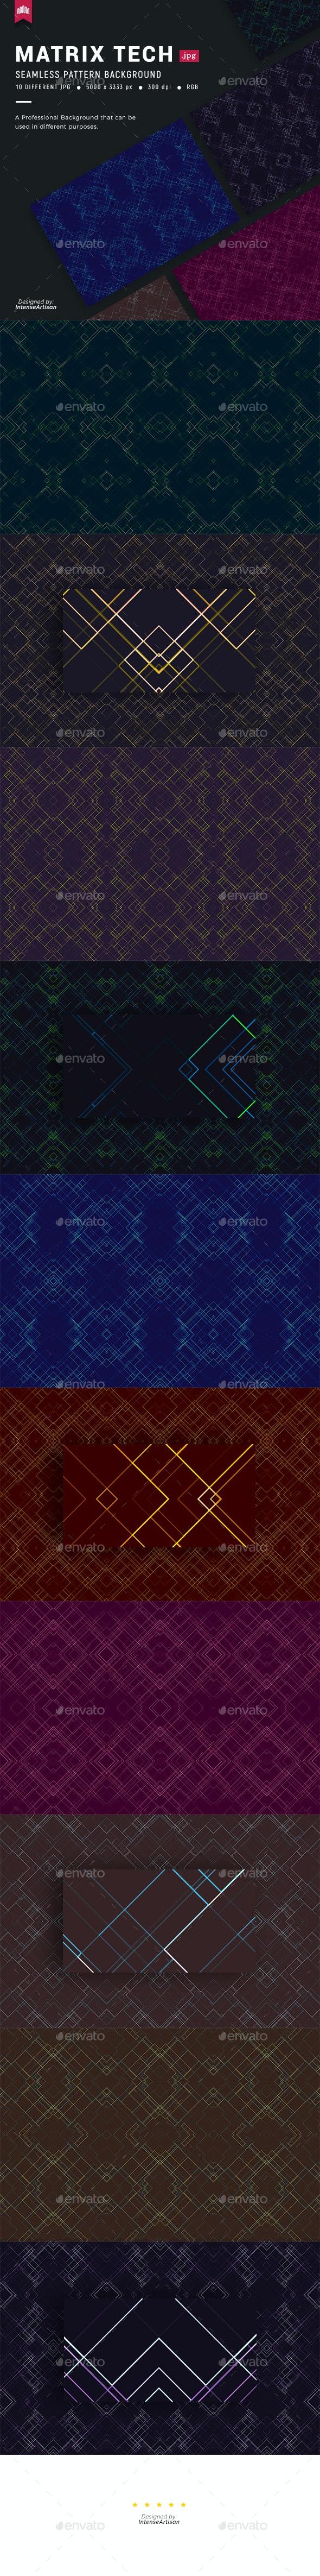 Matrix Tech Seamless Pattern Background - Patterns Backgrounds